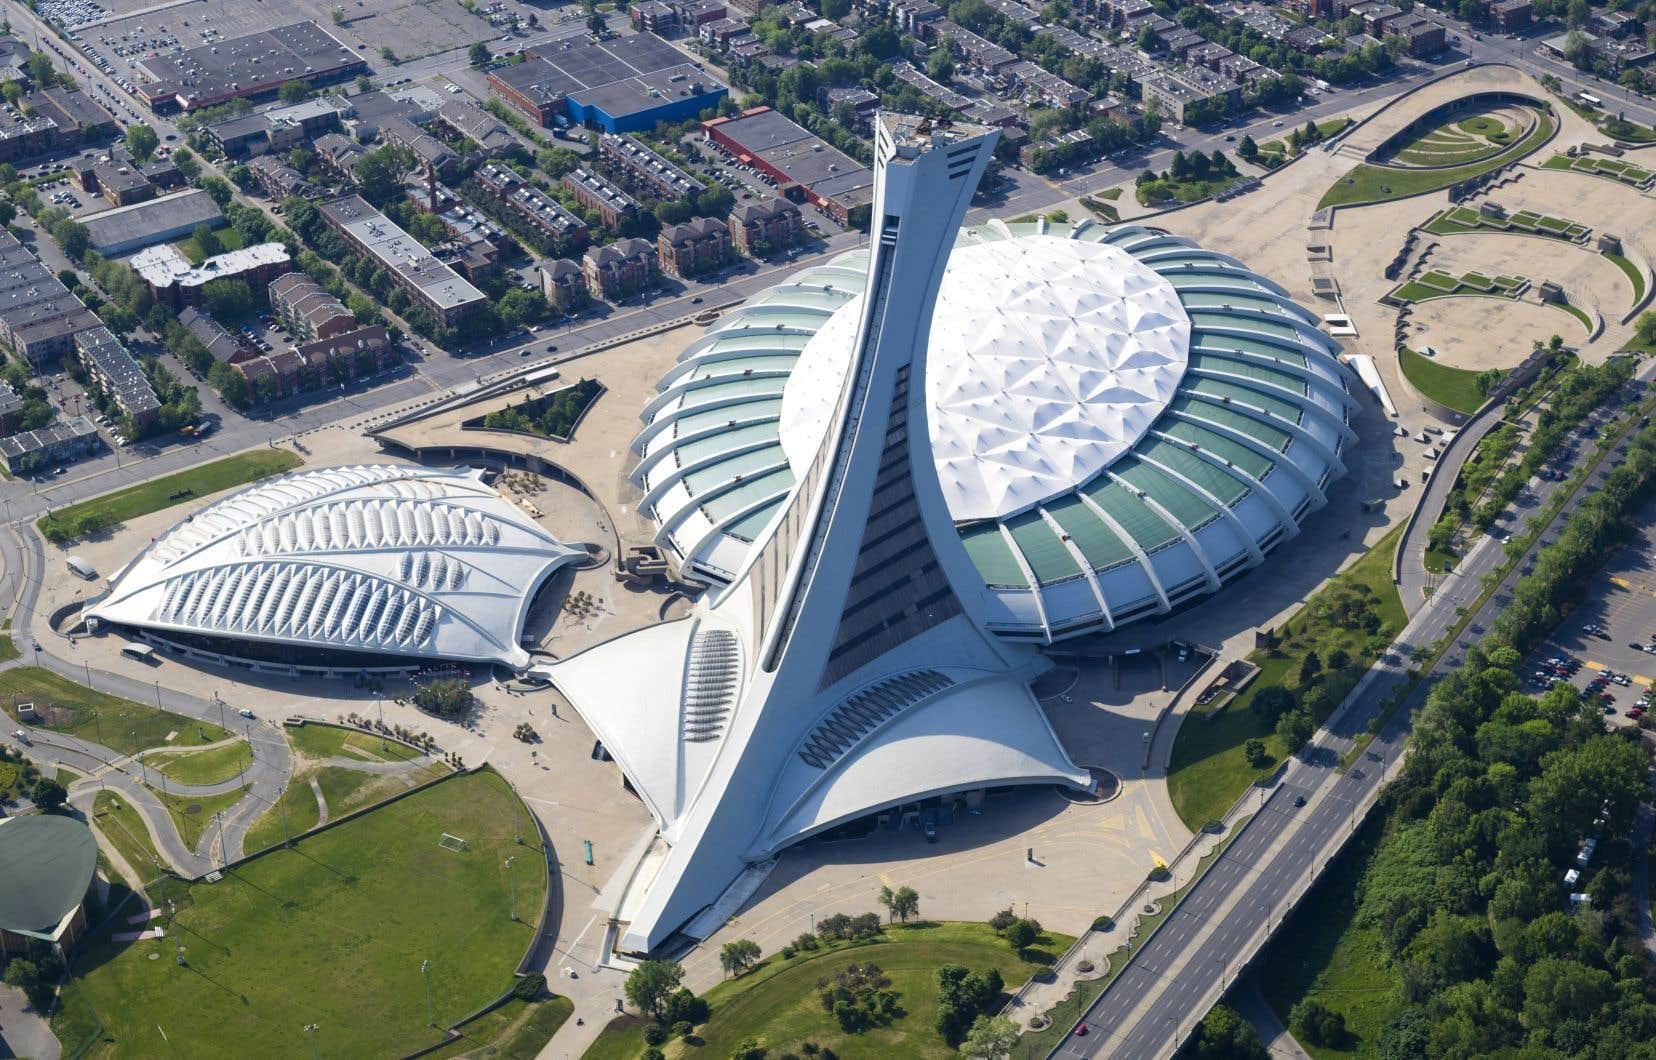 La mise à jour de la société d'État fait suite à un rapport déposé en 2012 par le Comité-conseil sur l'avenir du Parc olympique.